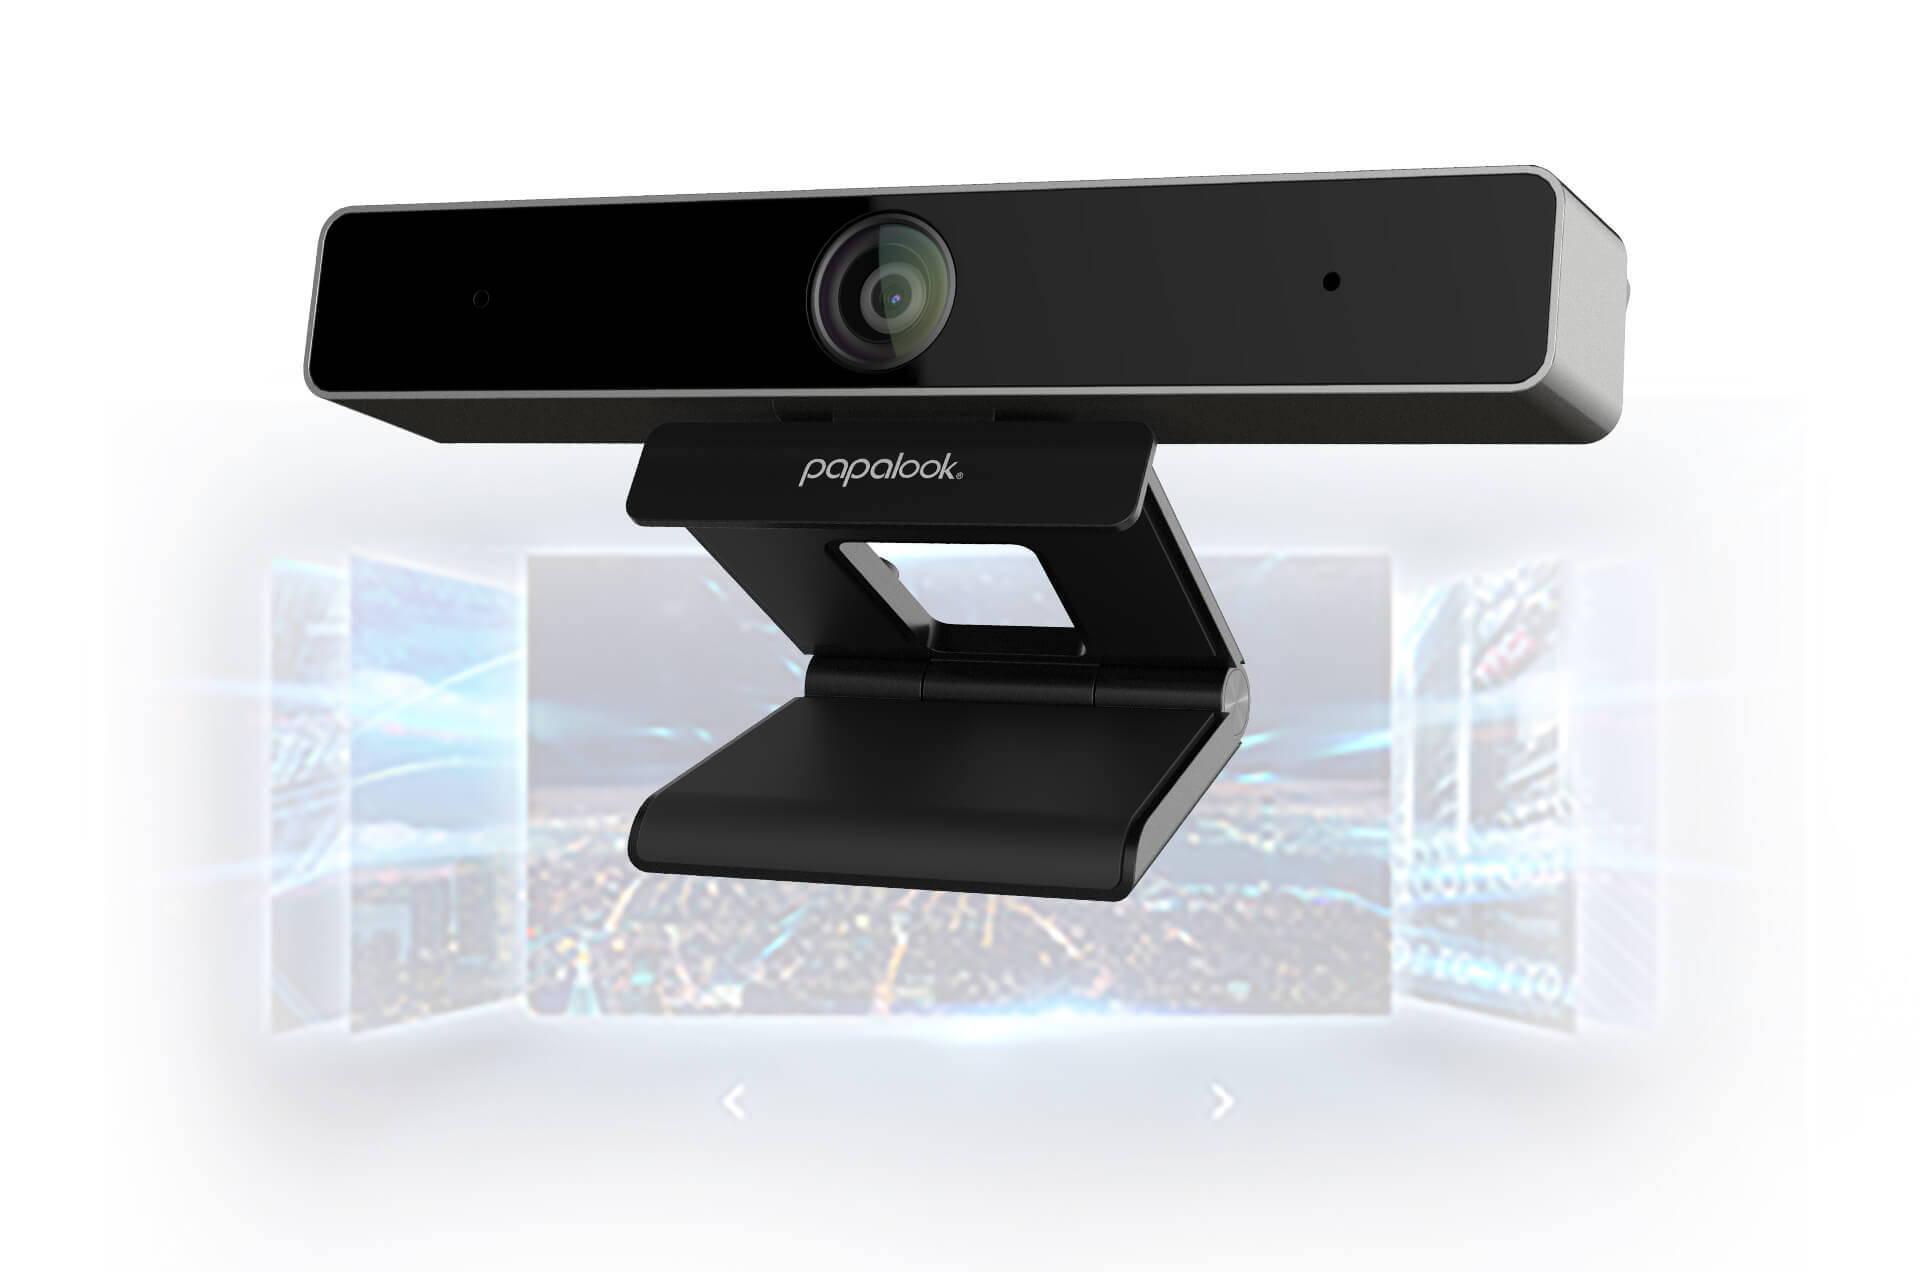 PAPALOOK PA920 1080P FHD Web Camera